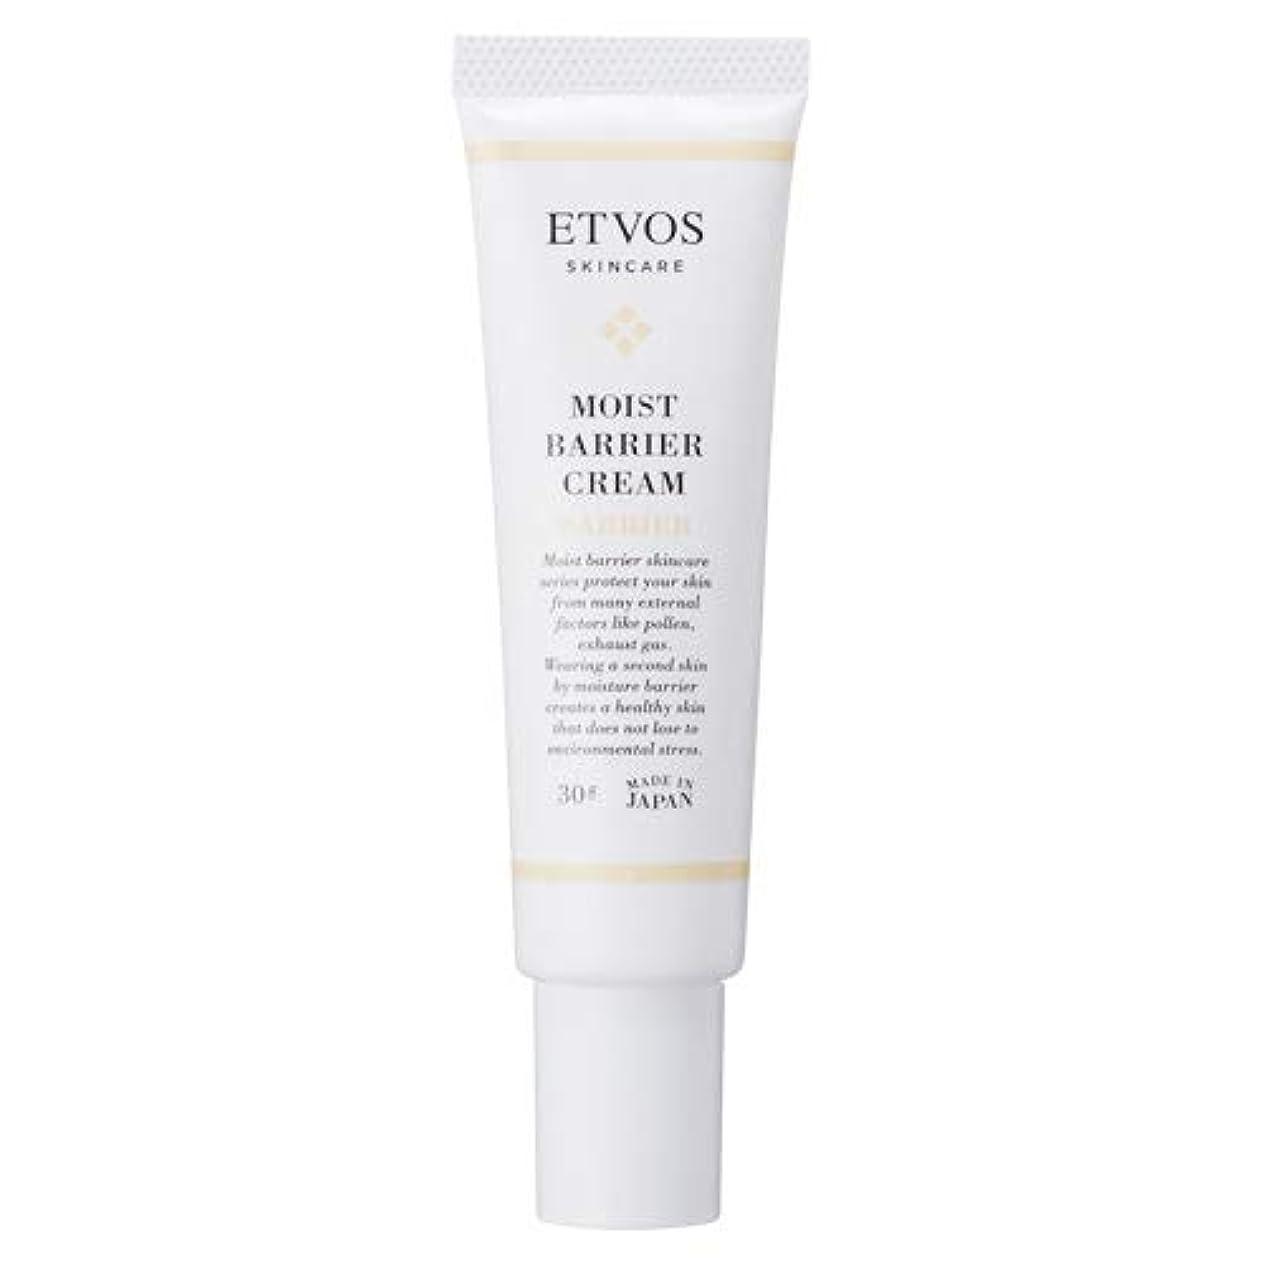 指令批判的に否認するETVOS(エトヴォス) 皮膚保護クリーム モイストバリアクリーム 30g 肌荒れ/敏感肌 花粉/PM2.5/ハウスダスト